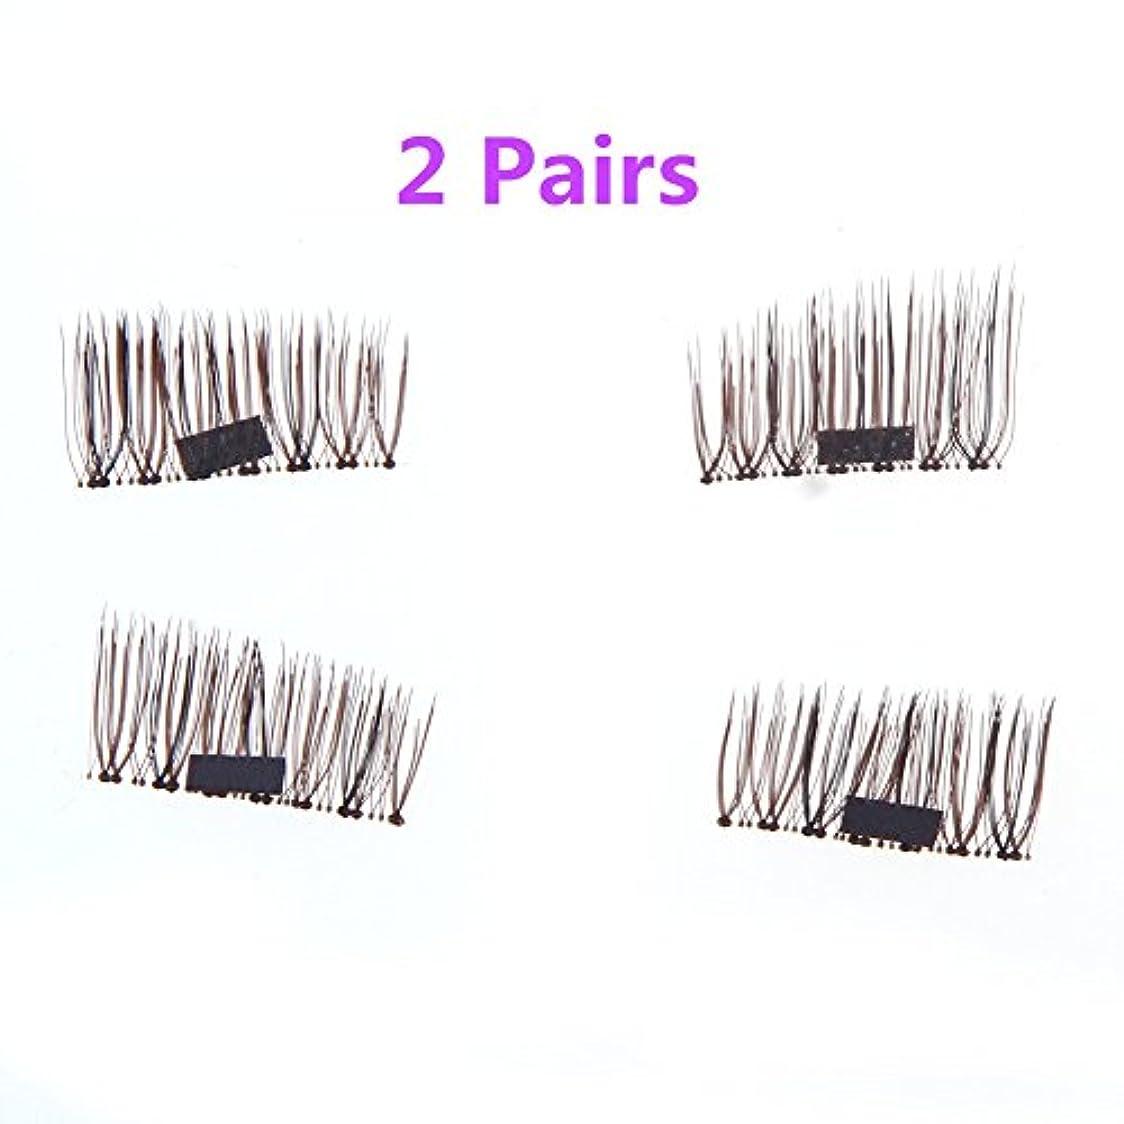 多数の居住者不一致Cozyrom 2ペアセット つけまつげ 磁気 3D マグネット 付け睫毛 Magnet eyelashes 磁性 長い 再利用可能 濃密 簡単に装着 手作り